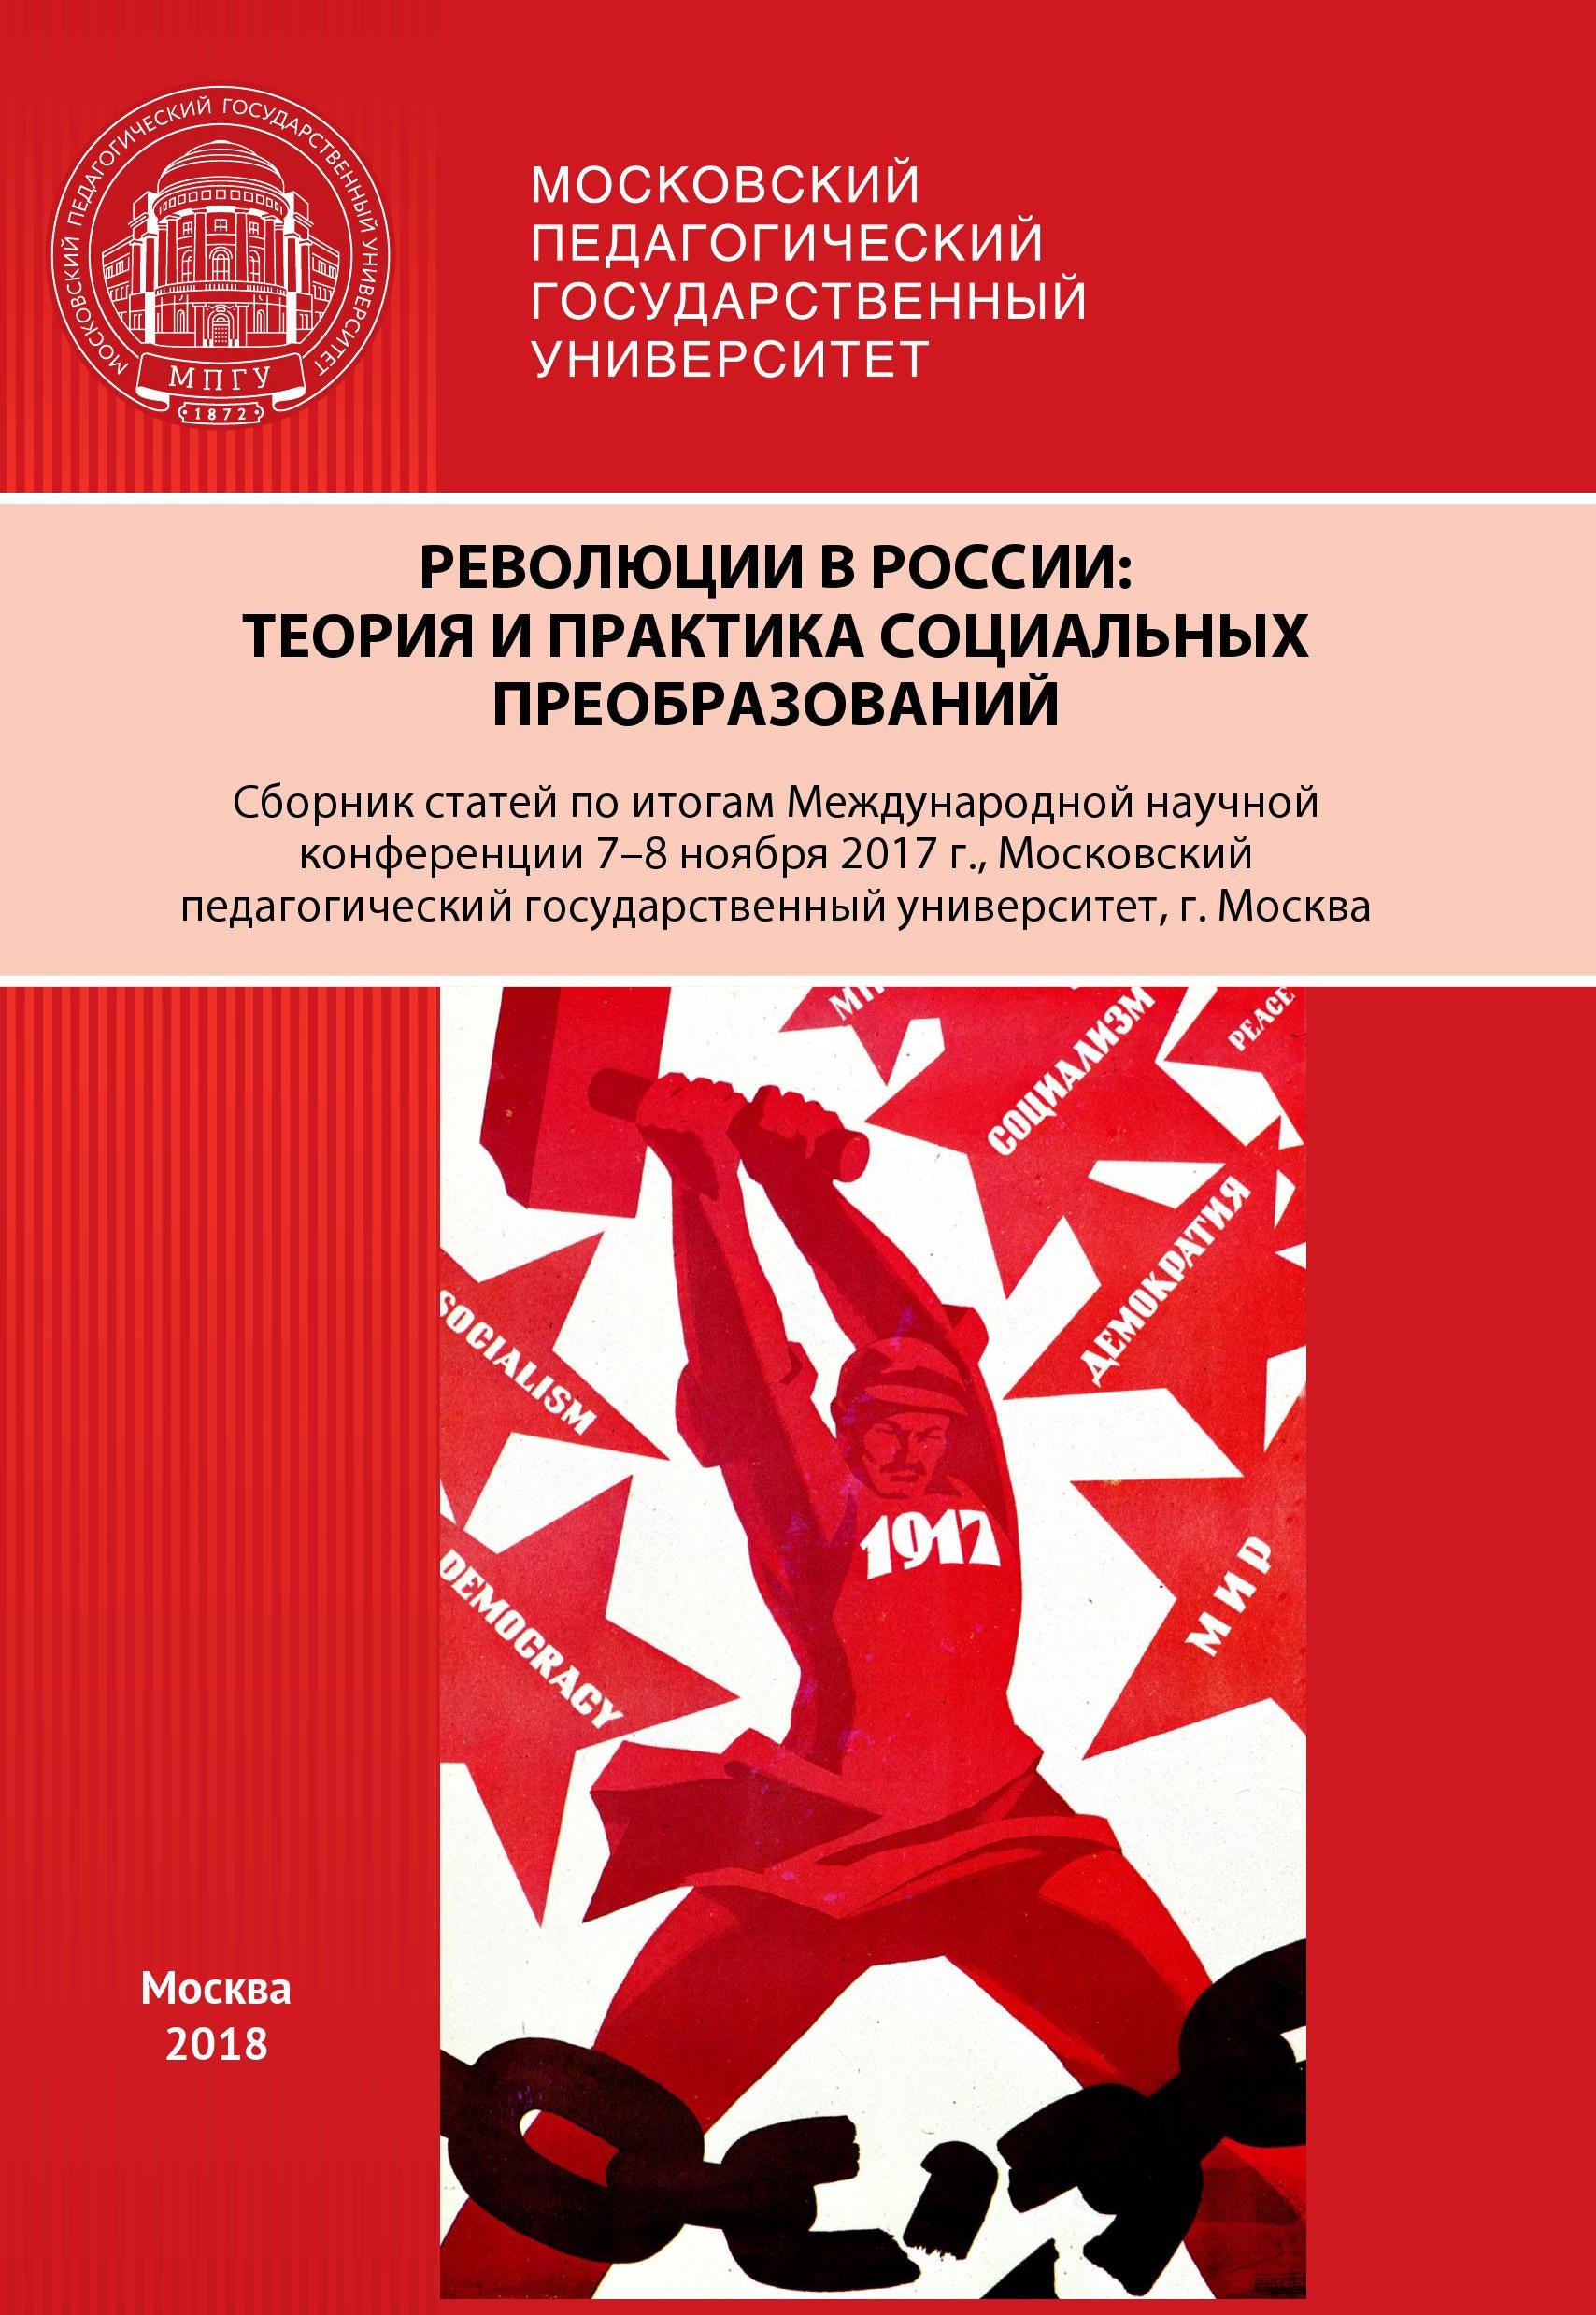 Революции в России. Теория и практика социальных преобразований